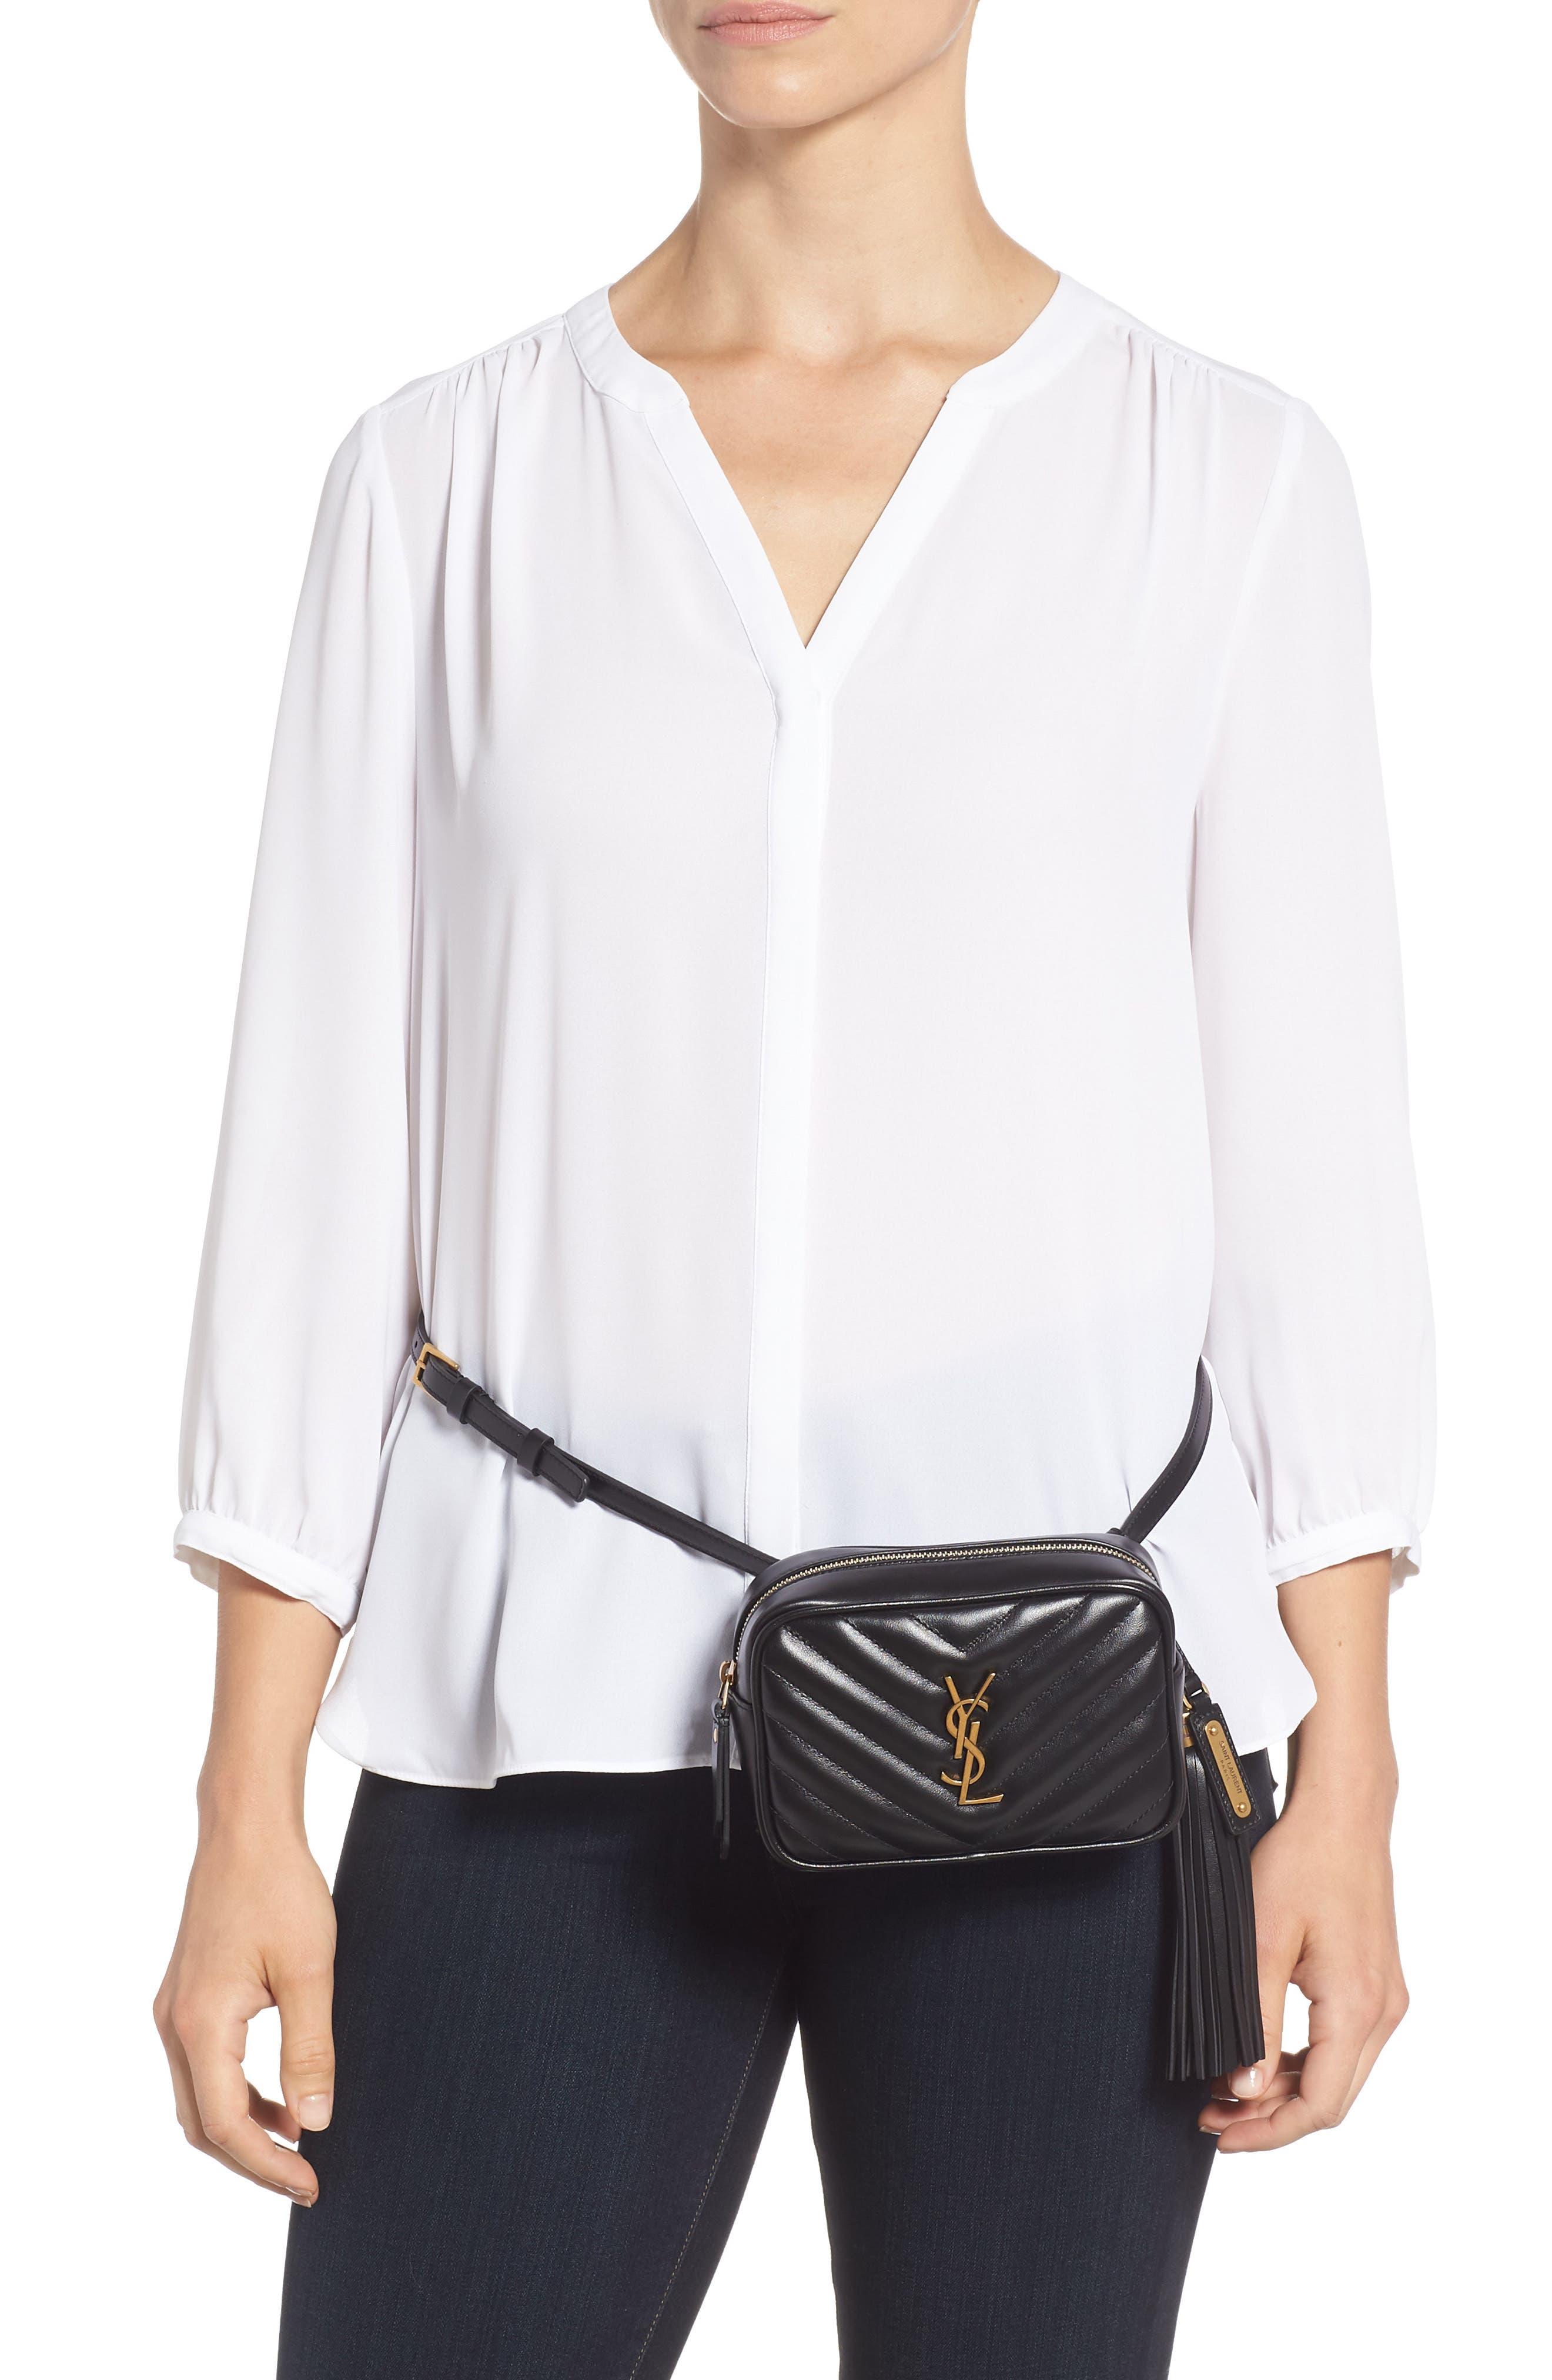 Loulou Matelassé Leather Belt Bag,                             Alternate thumbnail 2, color,                             001